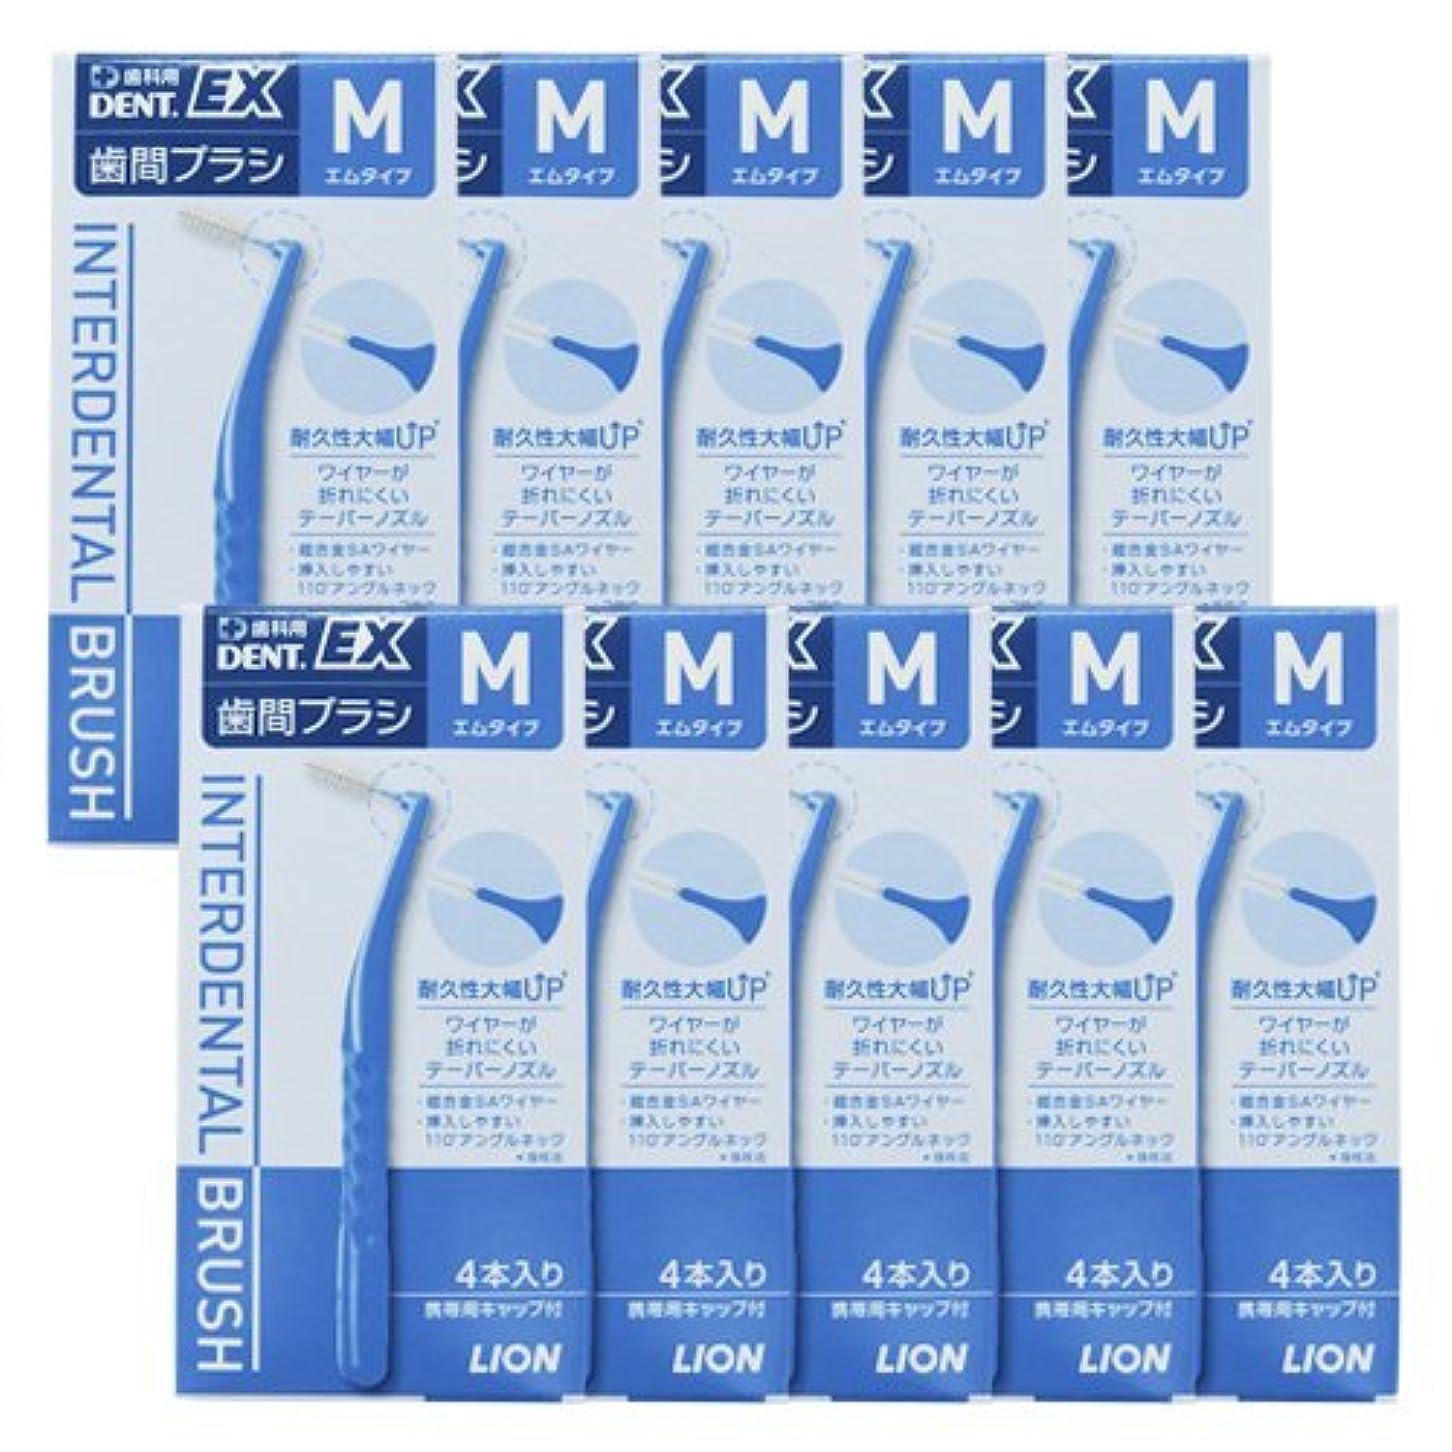 冷淡な橋脚拡声器ライオン(LION) デント EX 歯間ブラシ M (LION DENT. EX 歯間ブラシ) 10箱 40本セット